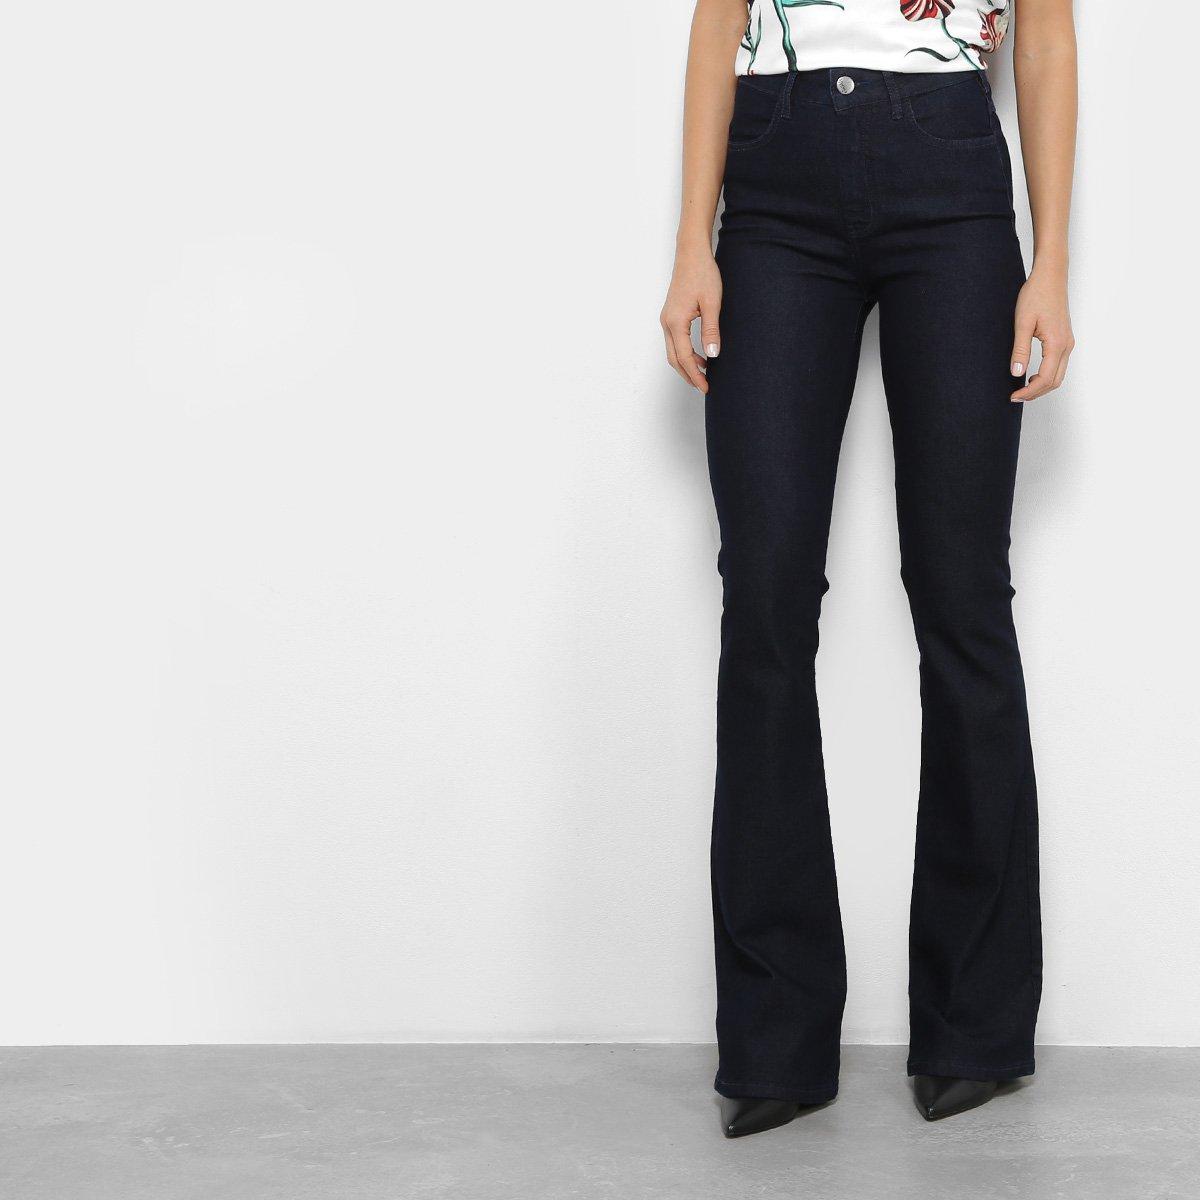 Calça Jeans Sommer Flare Cintura Alta Feminina